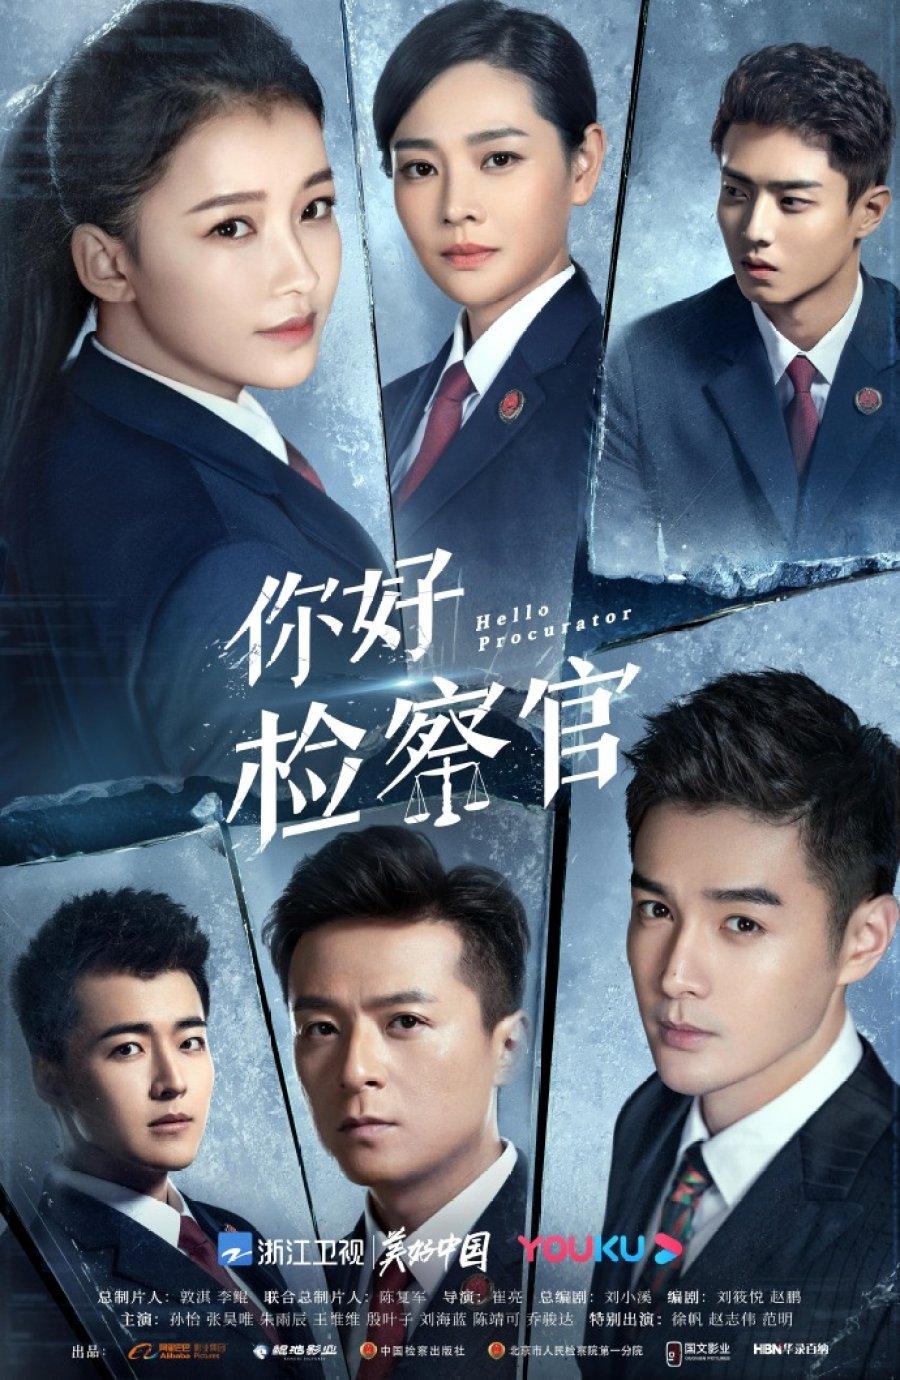 RLvjg 4f - Здравствуй, прокурор ✸ 2021 ✸ Китай